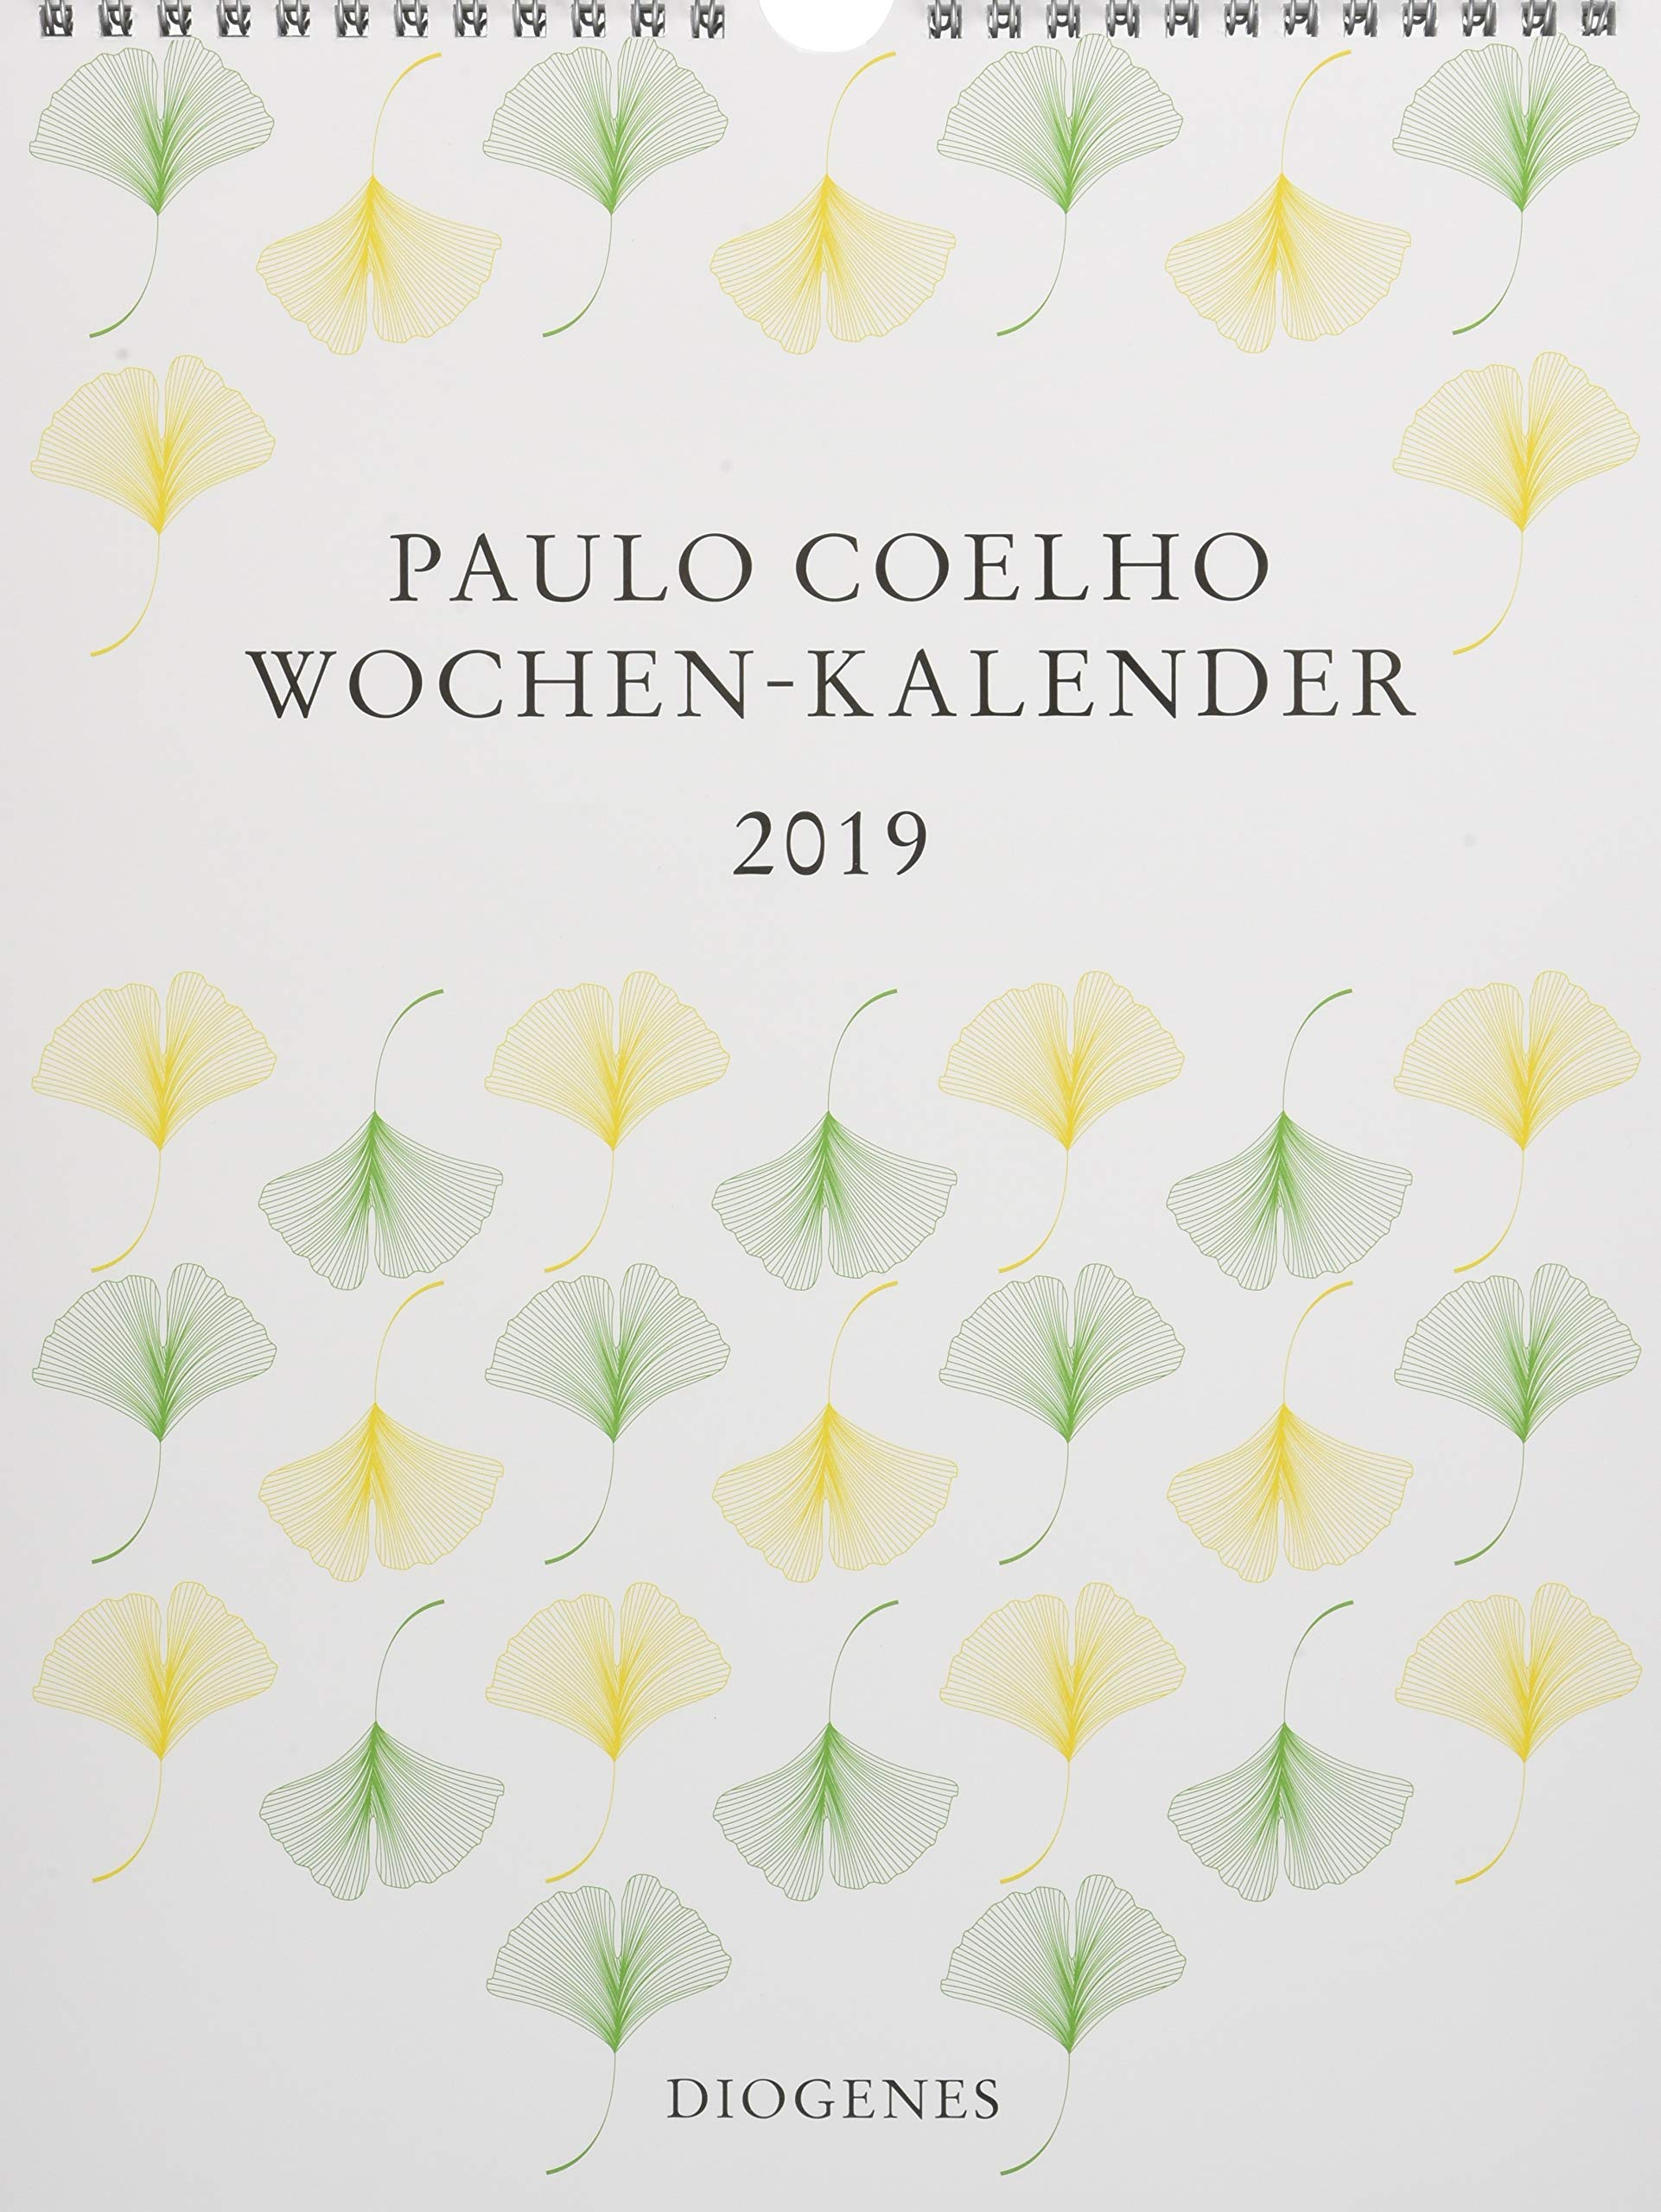 Wochen-Kalender 2019: Amazon.es: Paulo Coelho: Libros en ...